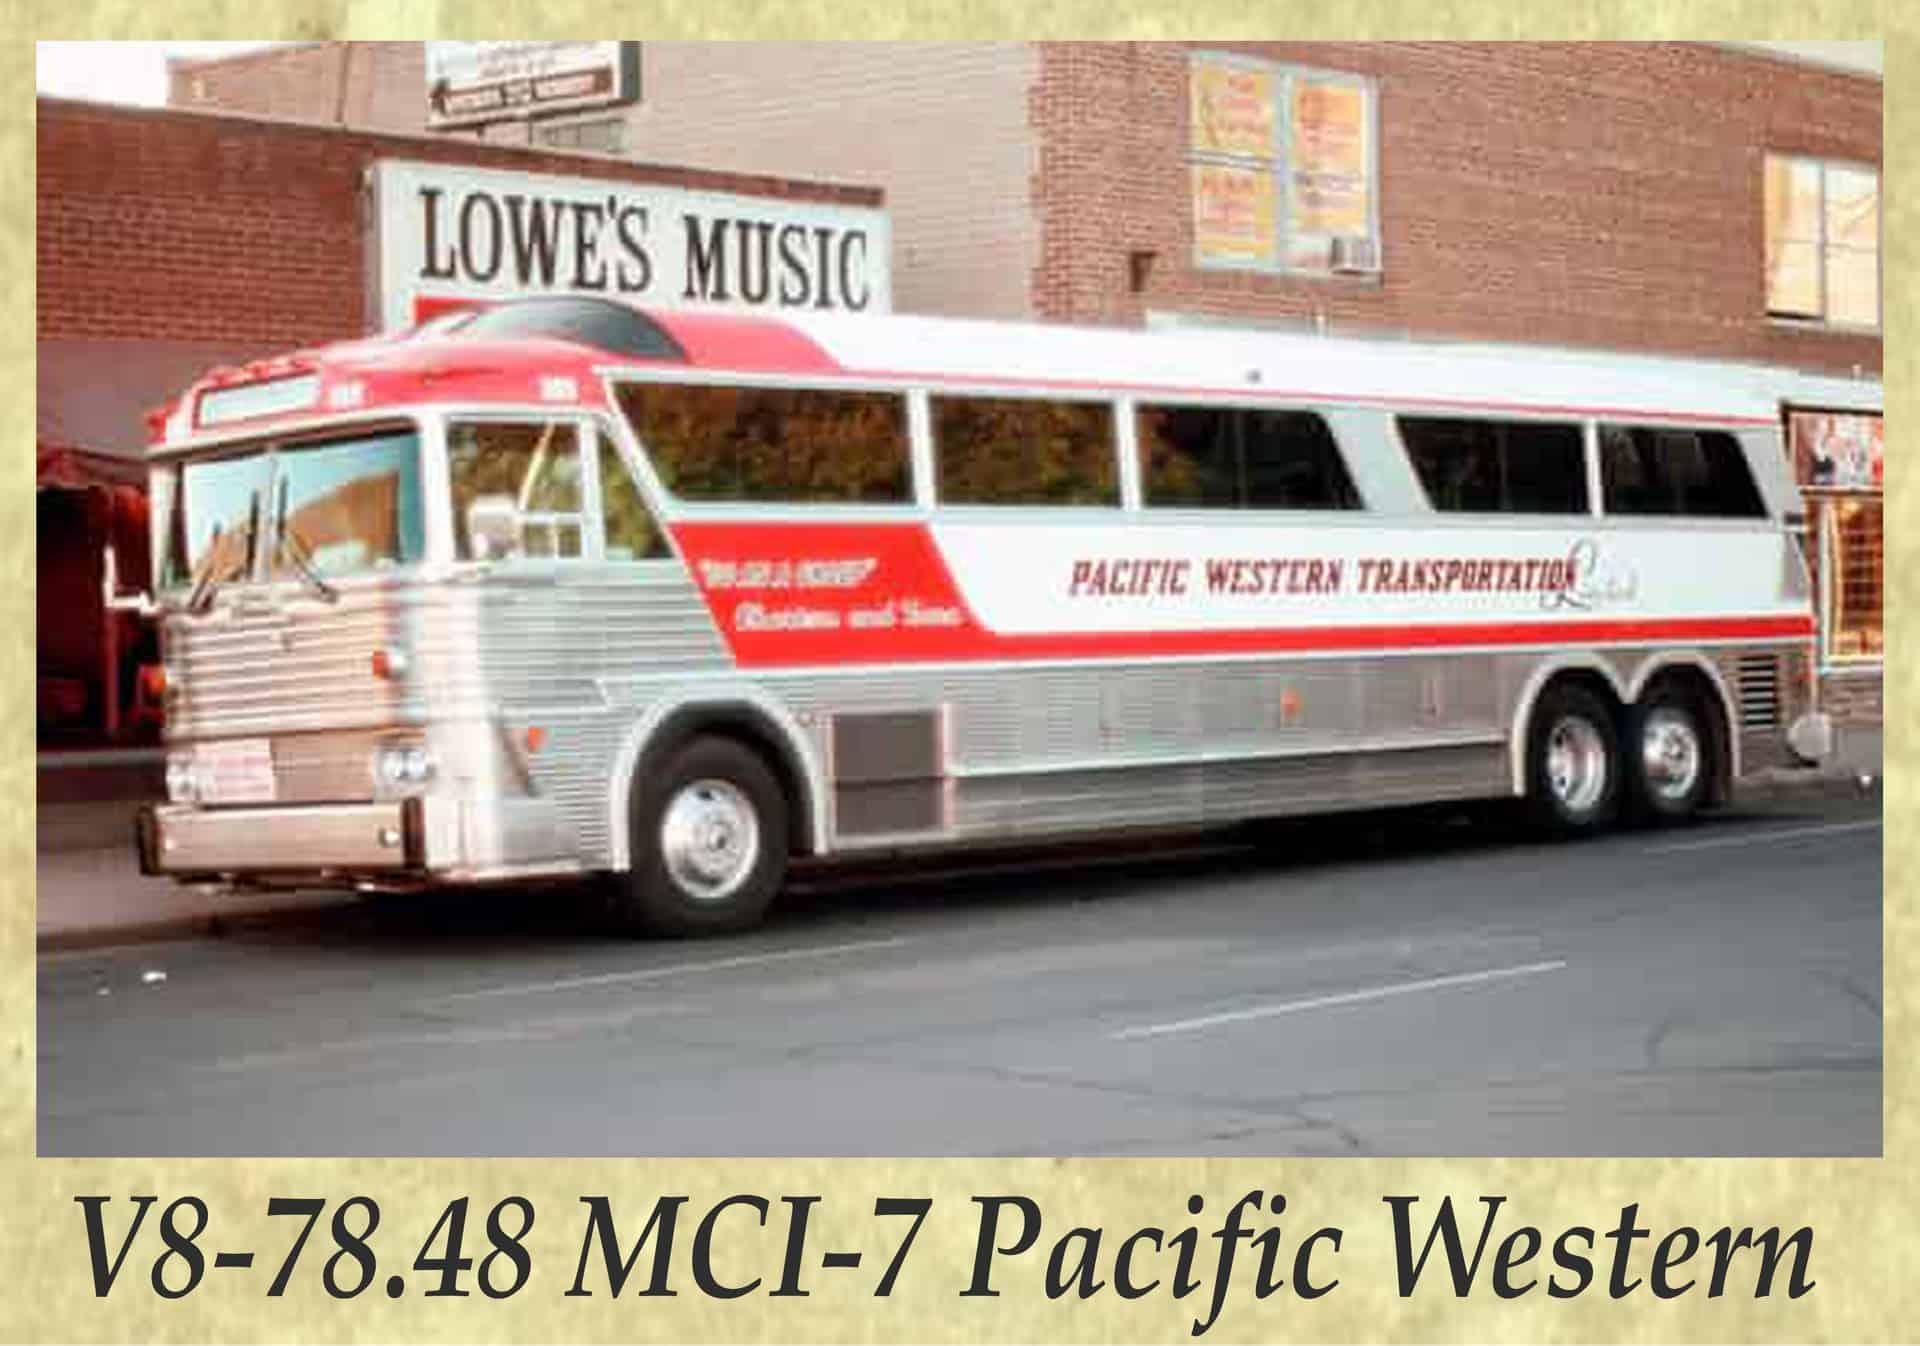 V8-78.48 MCI-7 Pacific Western